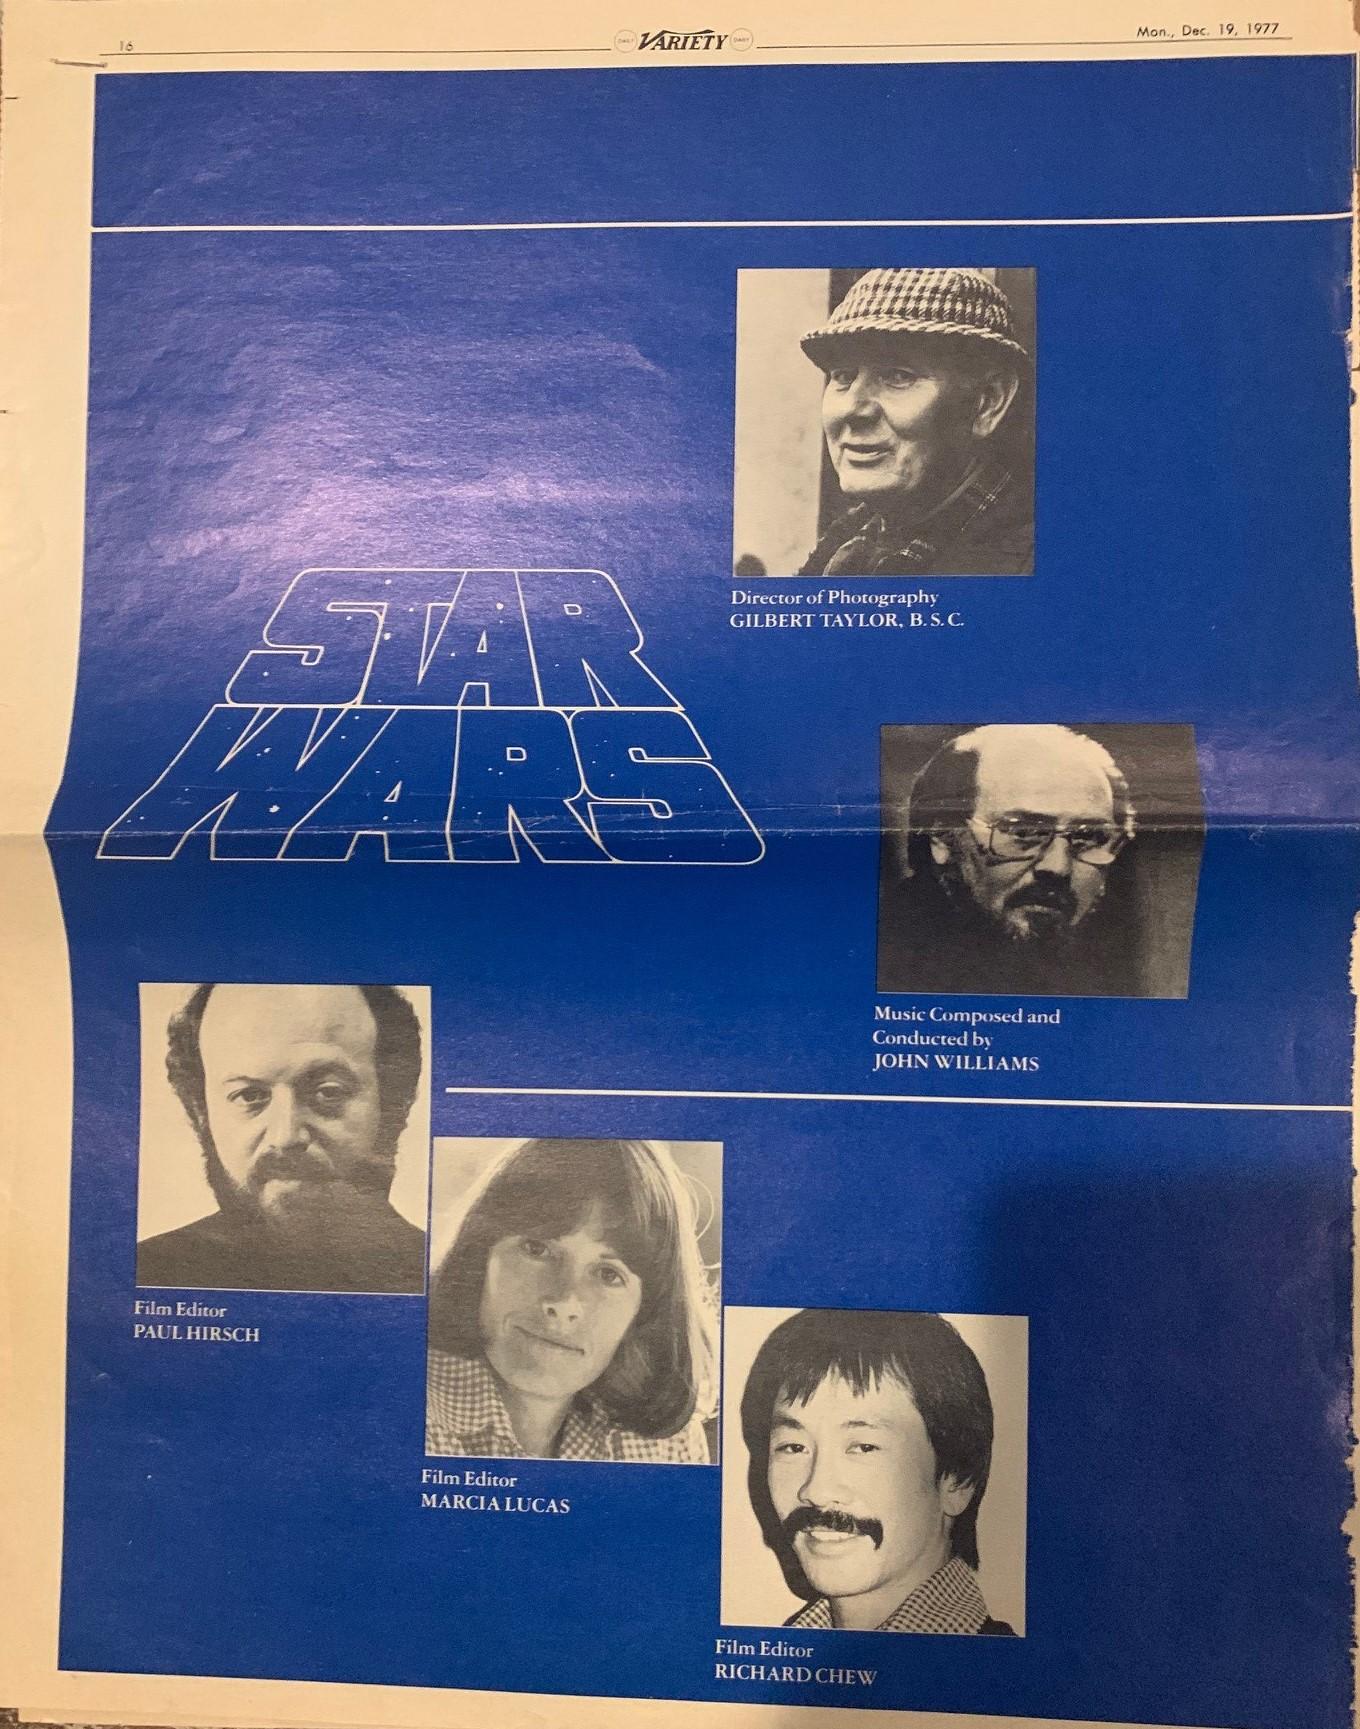 Variety December 19, 1977